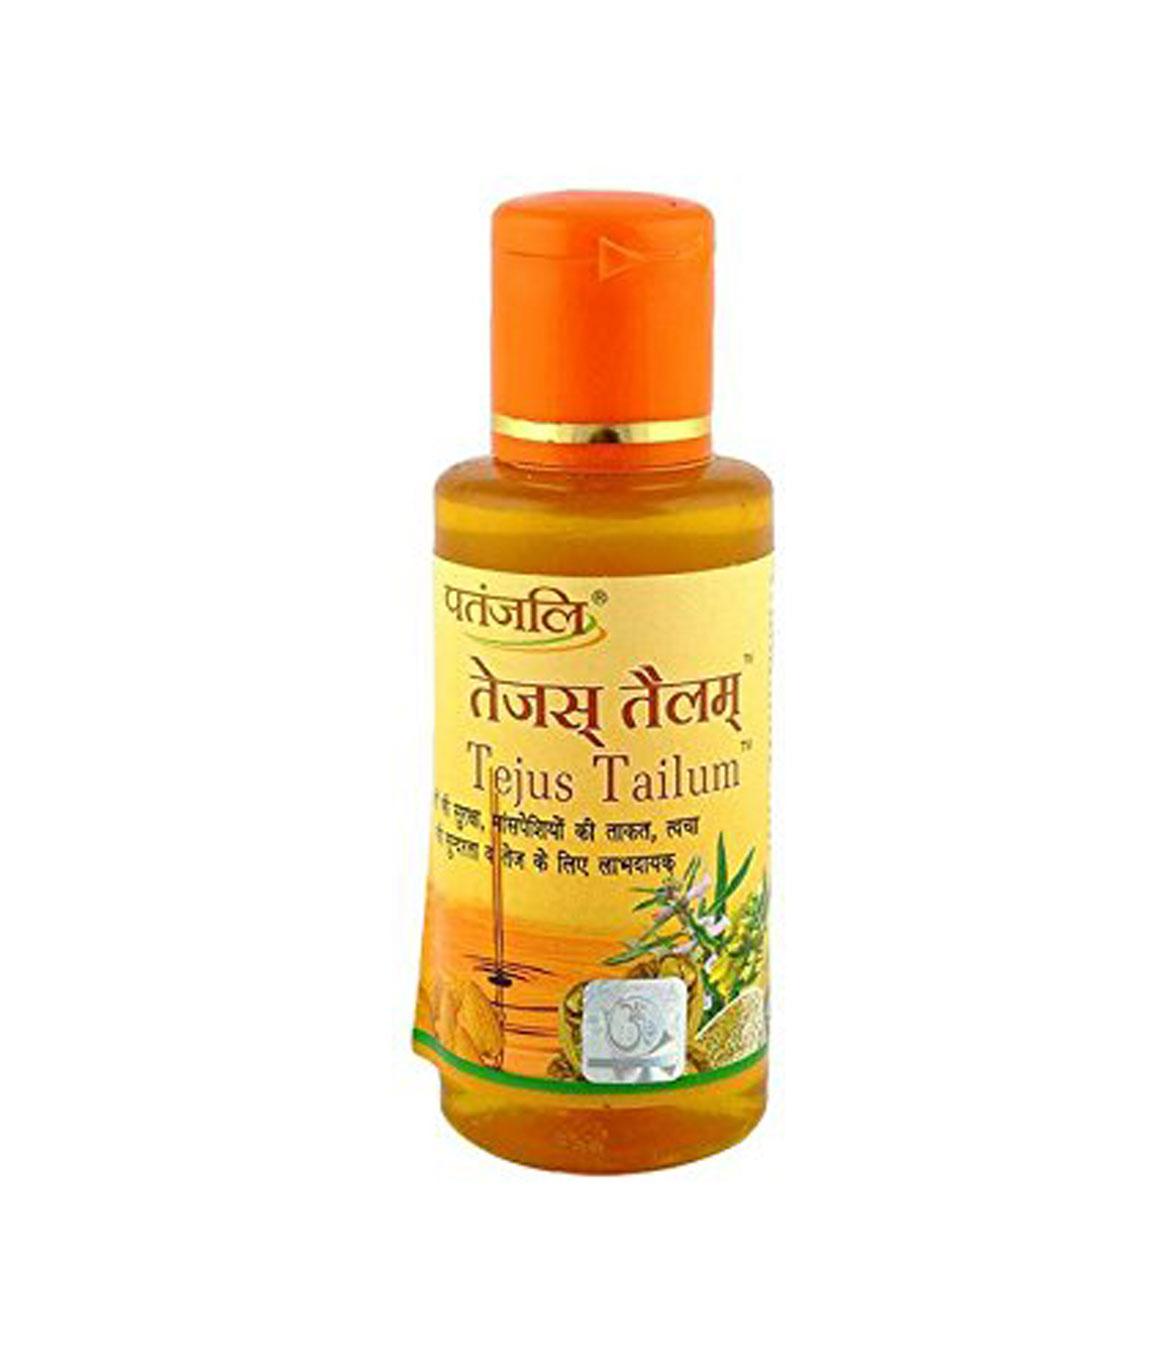 Patanjali Tejus Tailum Hair Oil,100 ml -Pack of 2